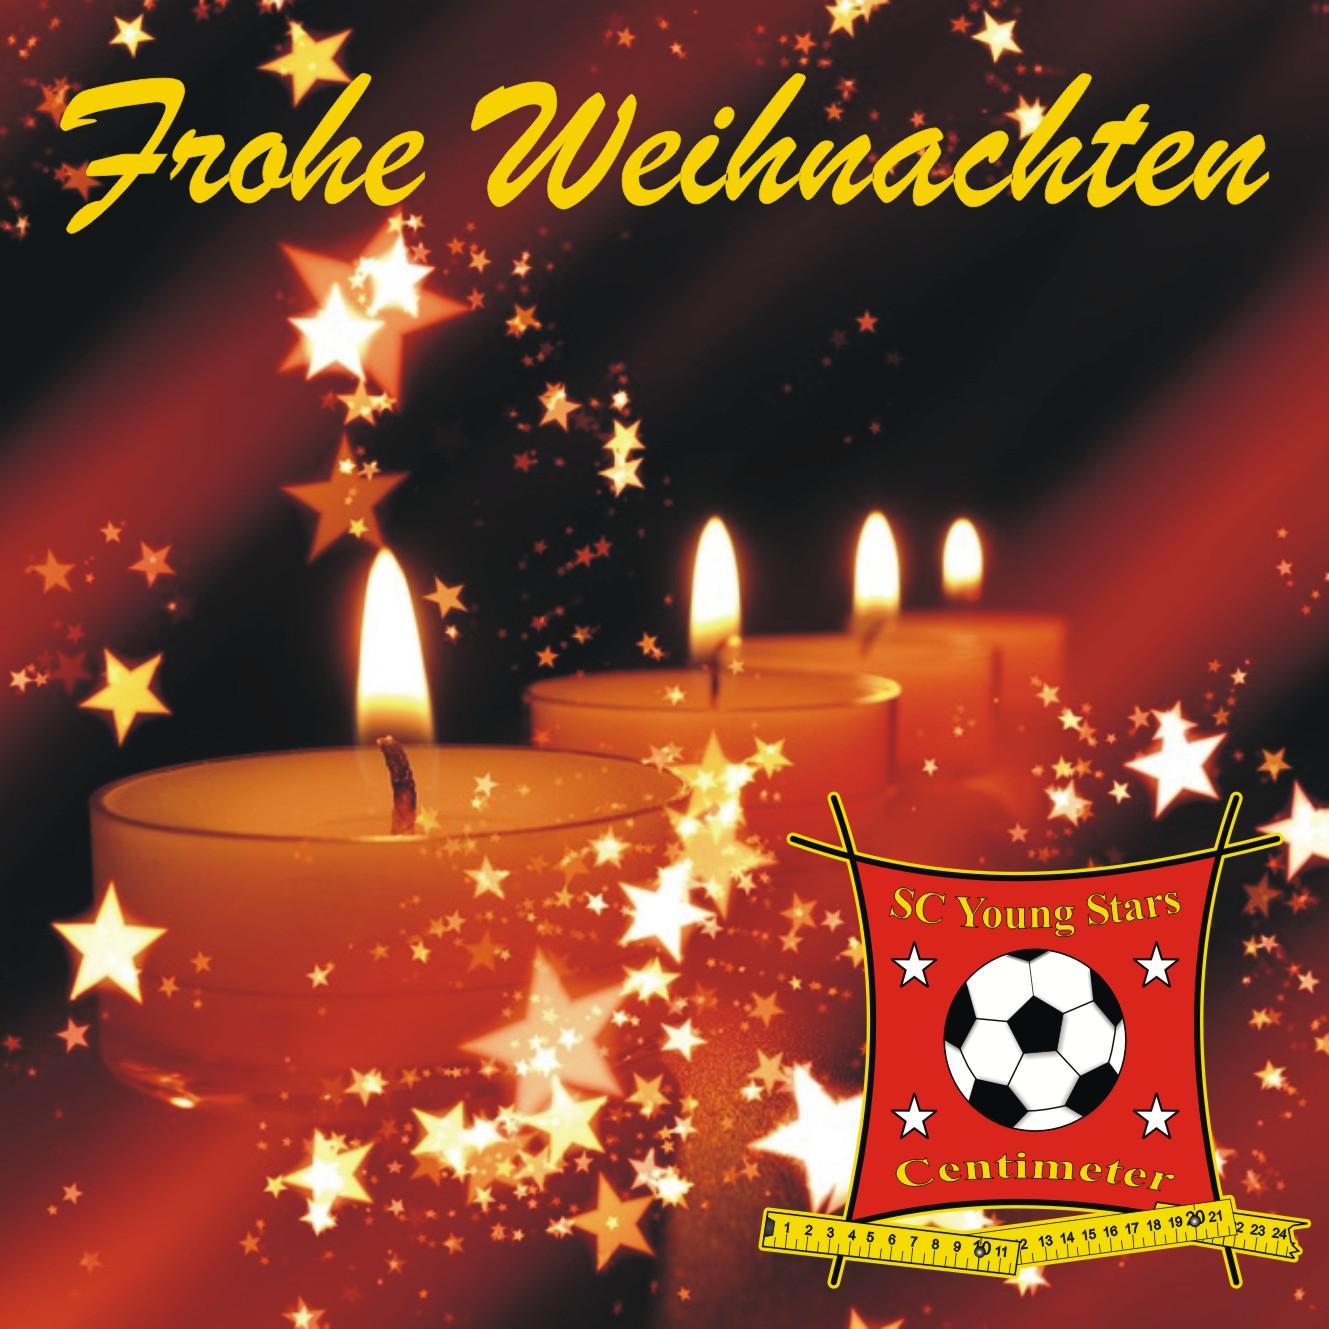 Wir Wünschen Euch Frohe Und Besinnliche Weihnachten.Frohe Weihnachten Sc Young Stars